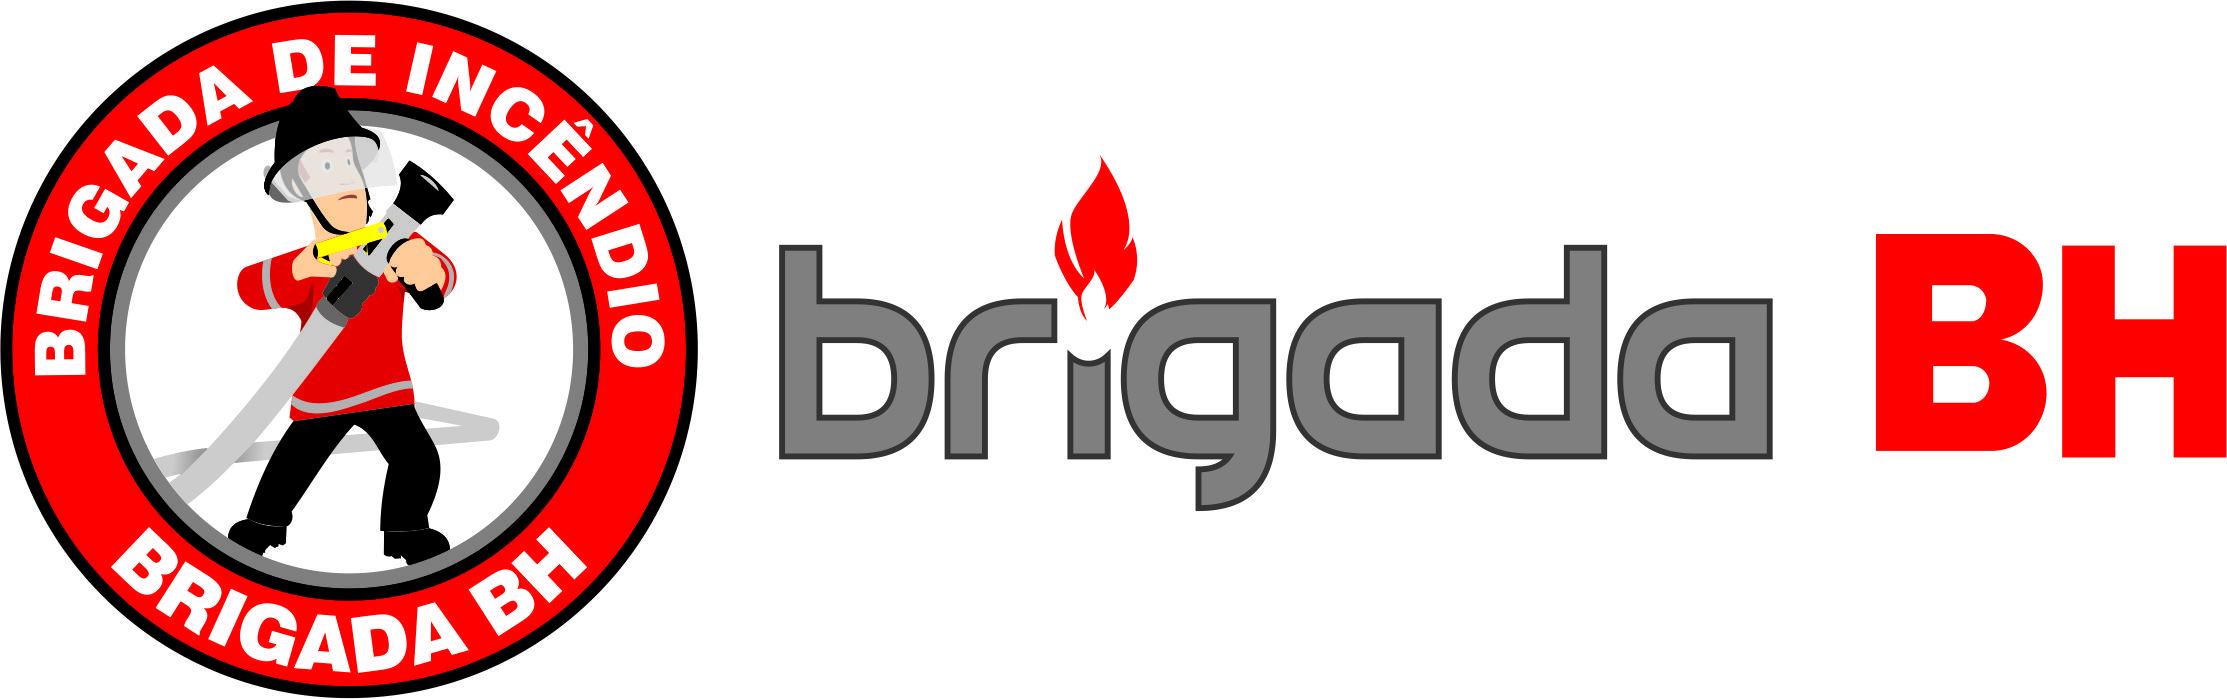 Brigada de Incêndio BH EIRELLI